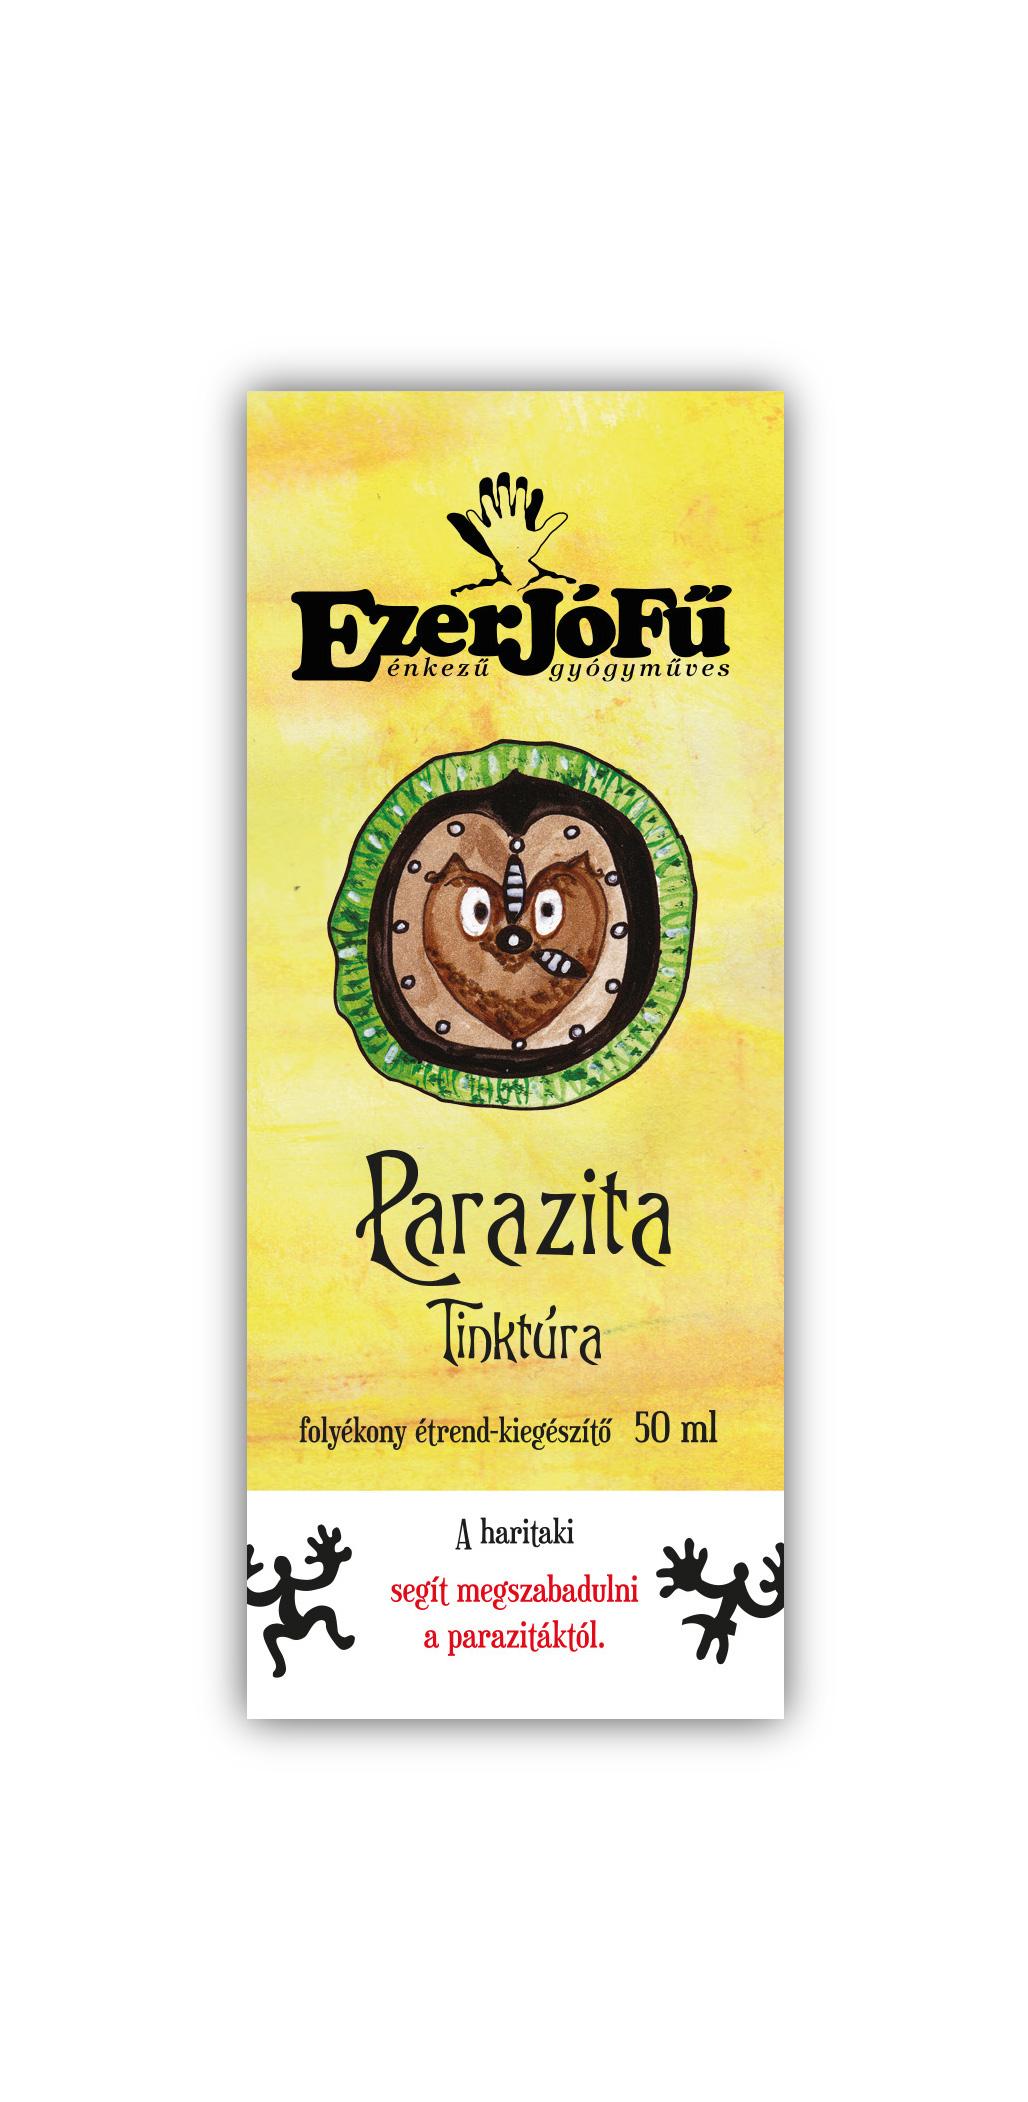 A Természetes Méregtelenítés És Parazitaírtás Parazita tisztító receptek - Májtisztító paraziták